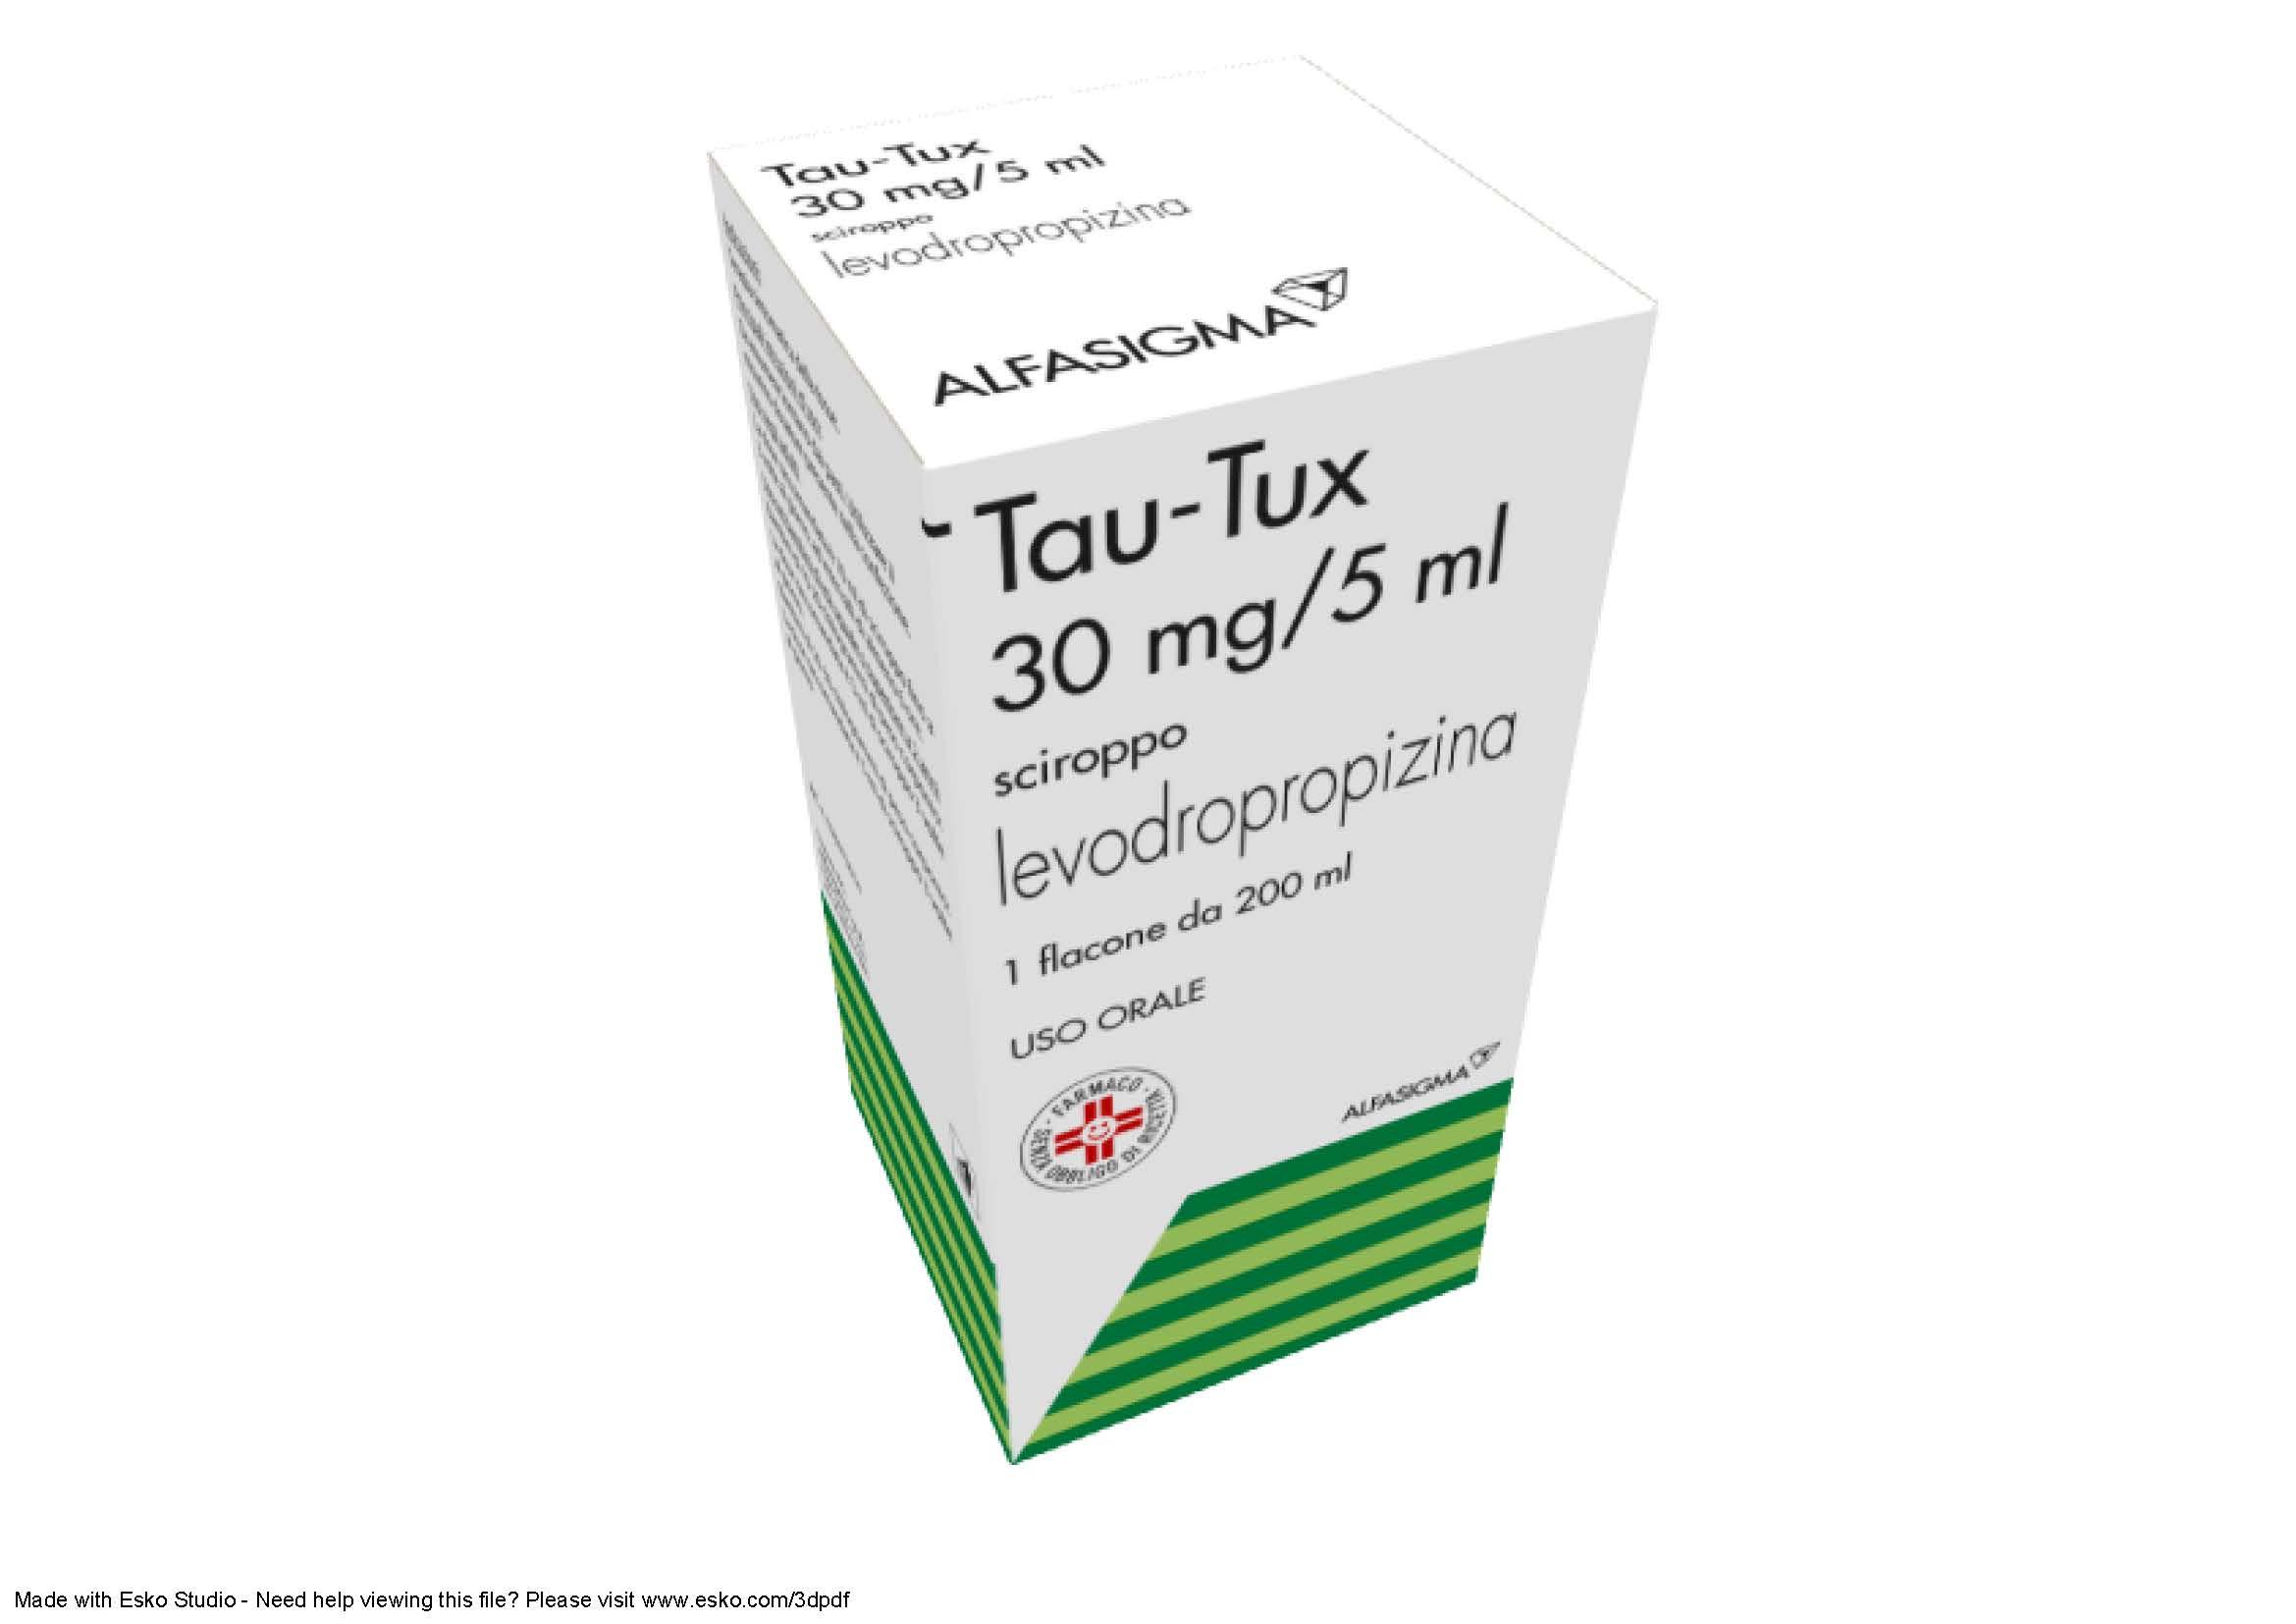 TAUTUX*SCIR 200ML 0,6% - Farmacia della salute 360